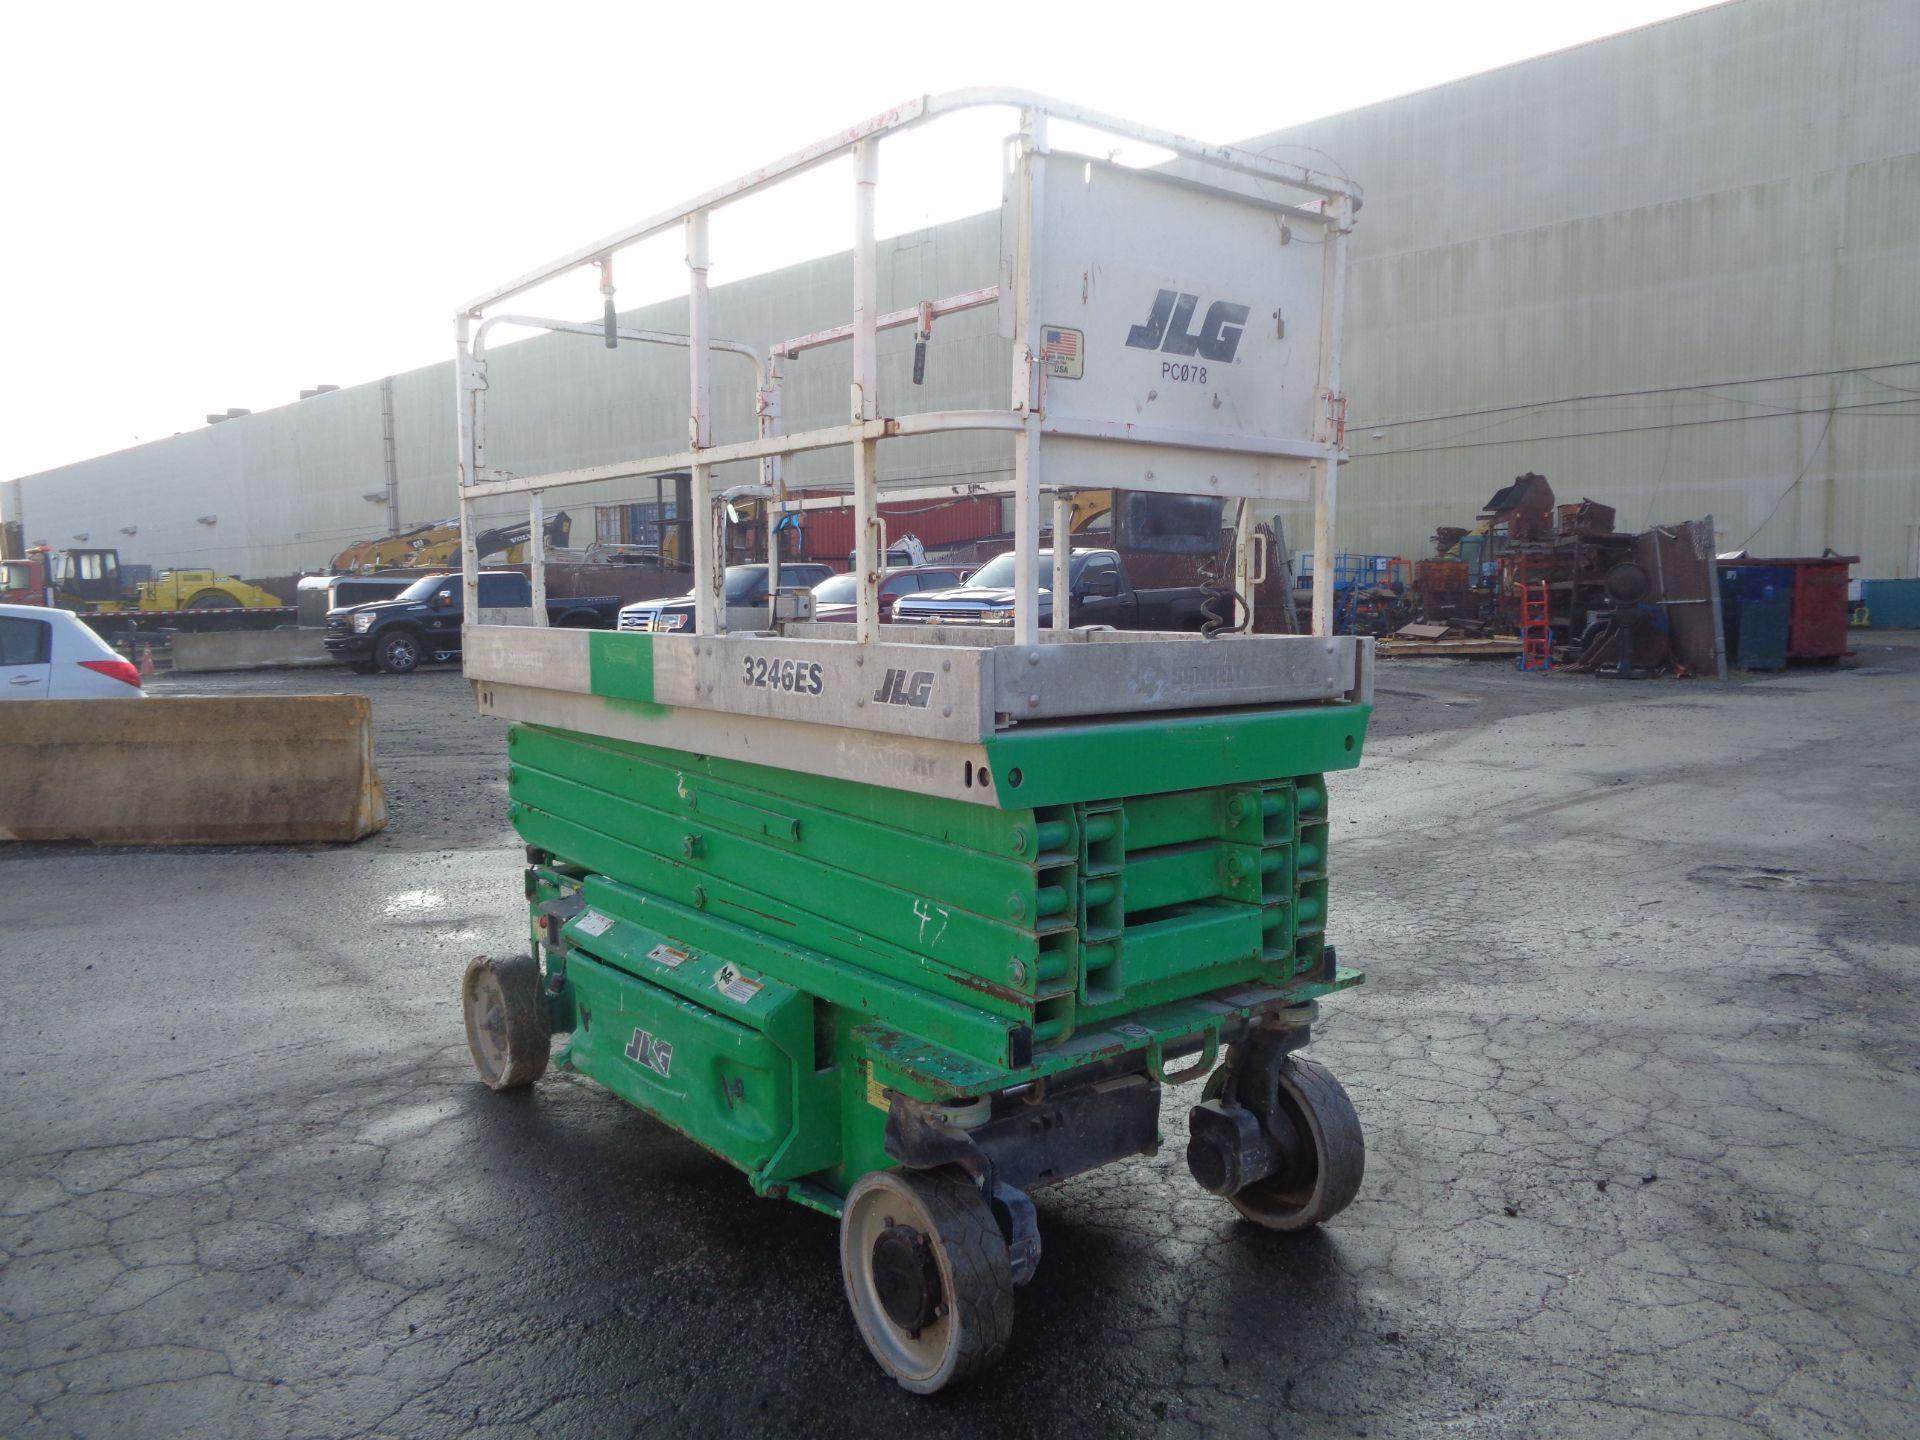 Lot 37 - 2008 JLG 3246ES Electric Scissor Lift